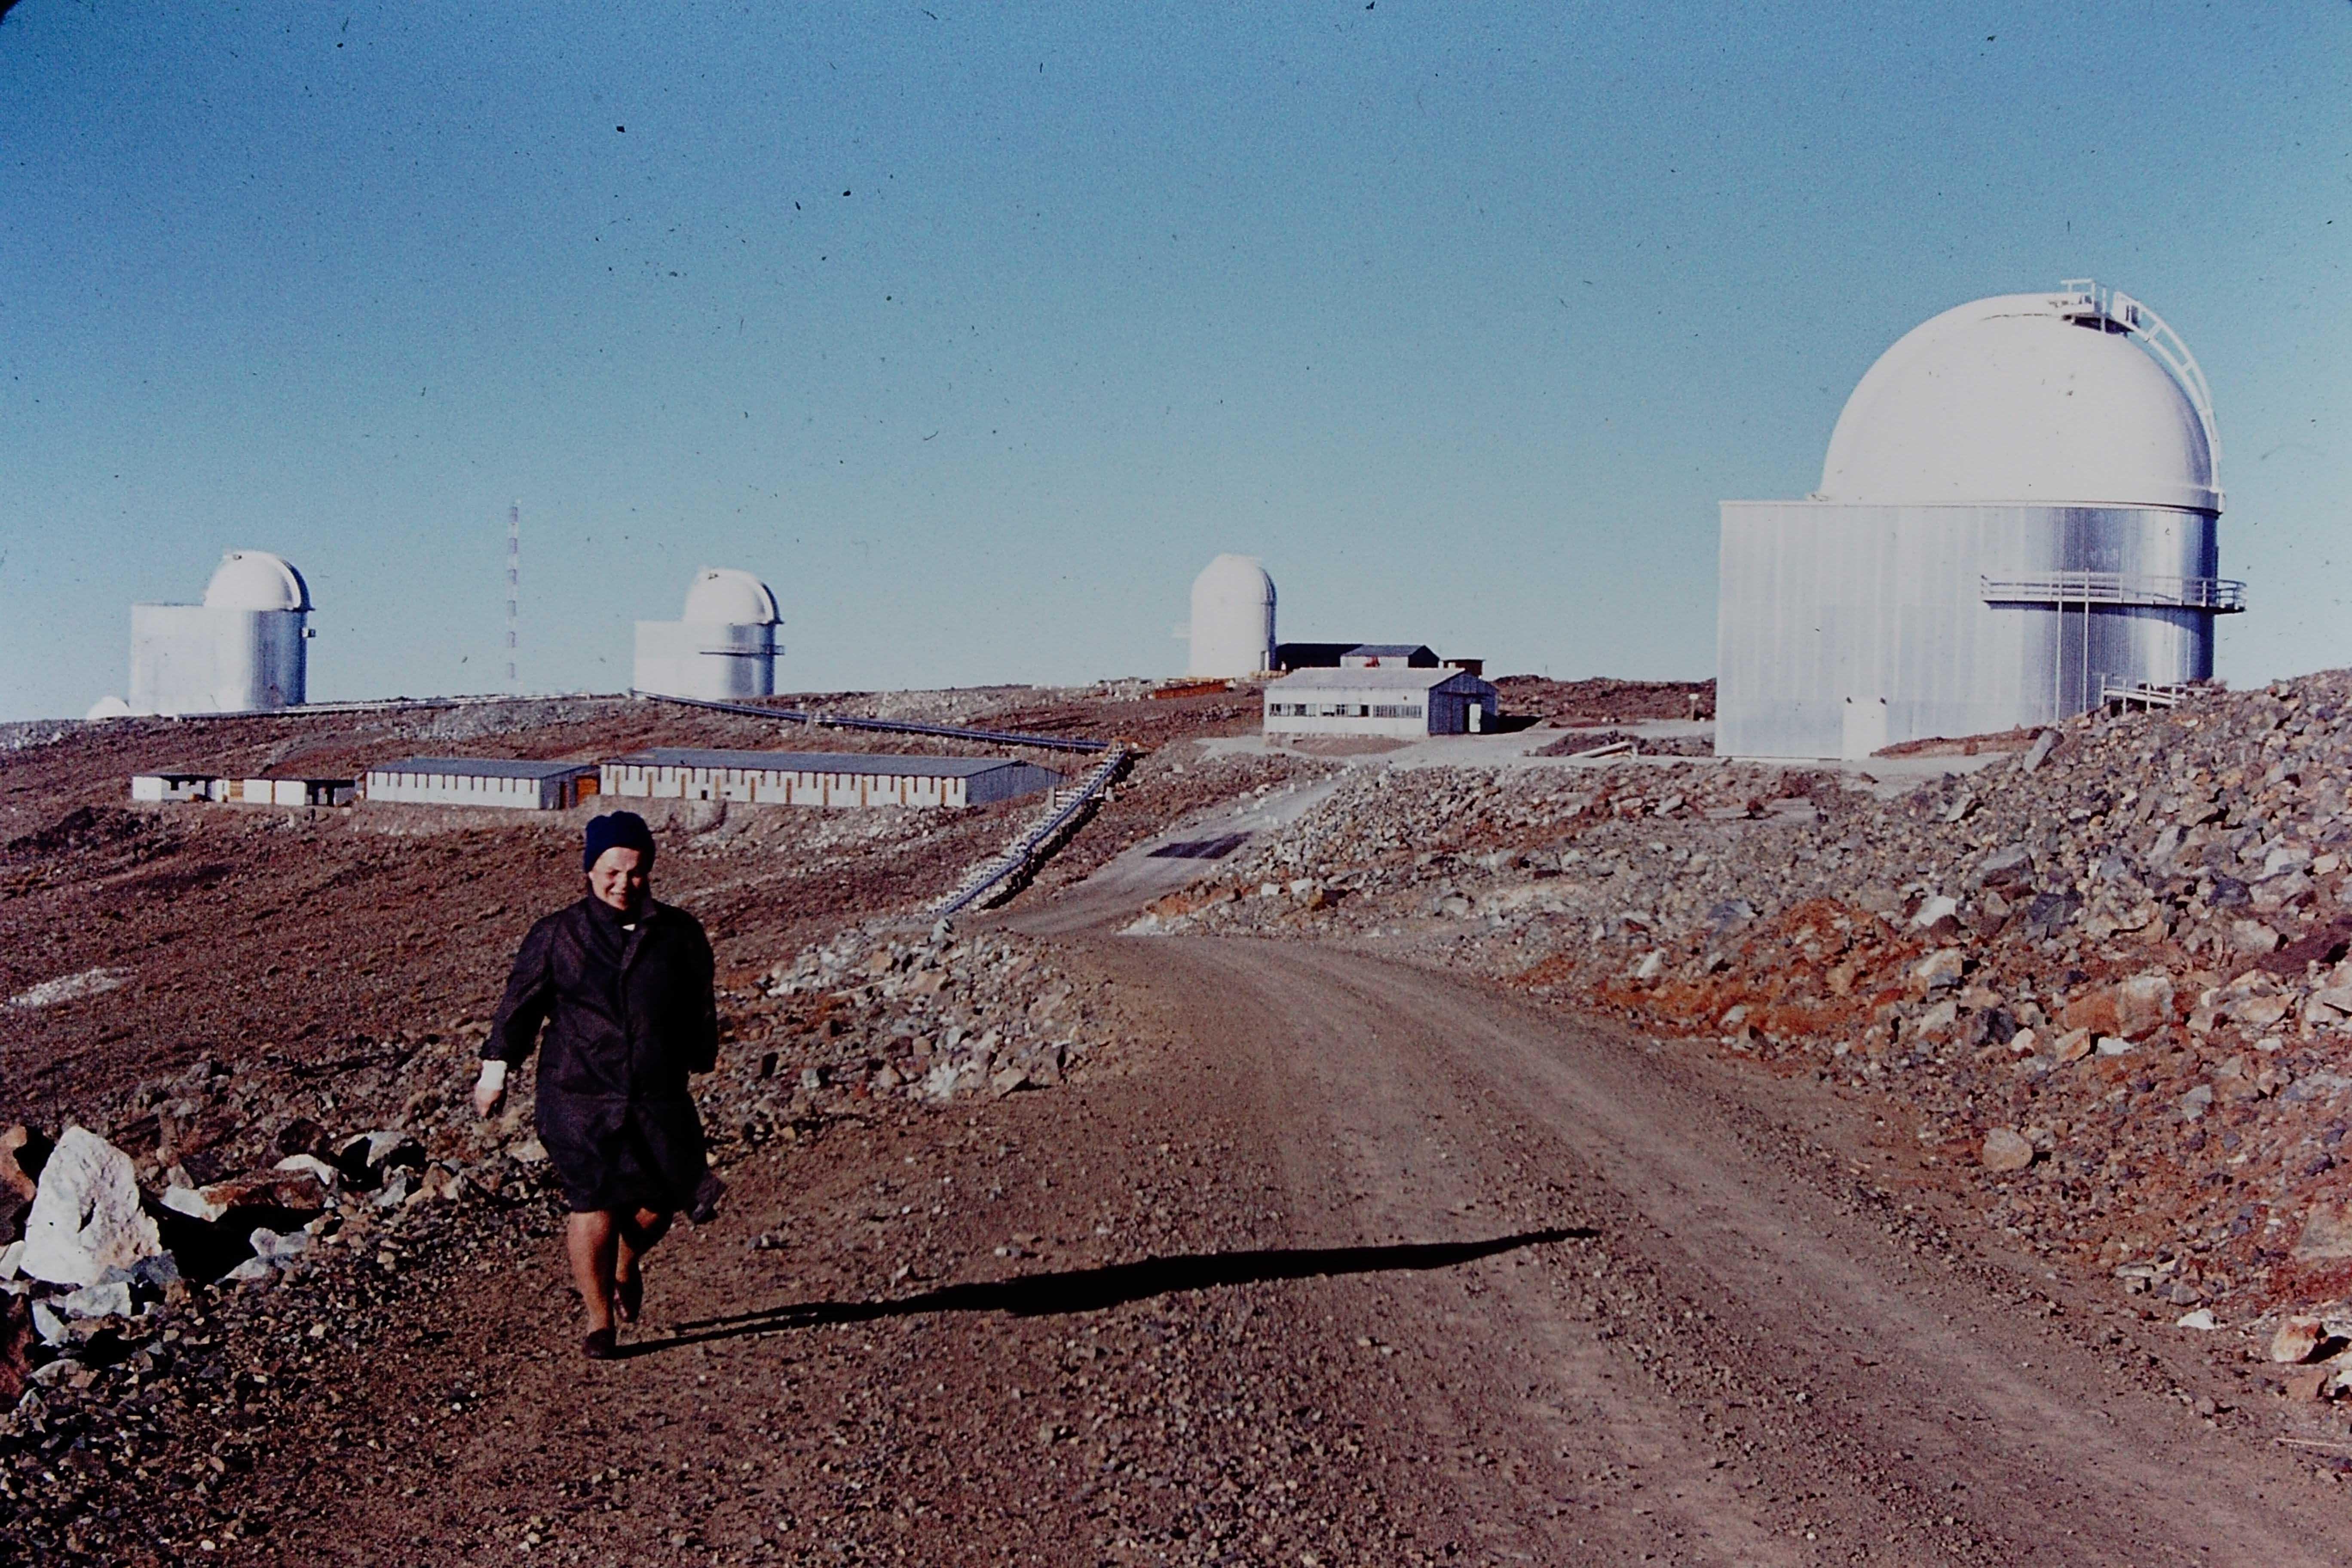 Enterreno - Fotos históricas de chile - fotos antiguas de Chile - Camino a la cumbre del Cerro La Silla, 70s